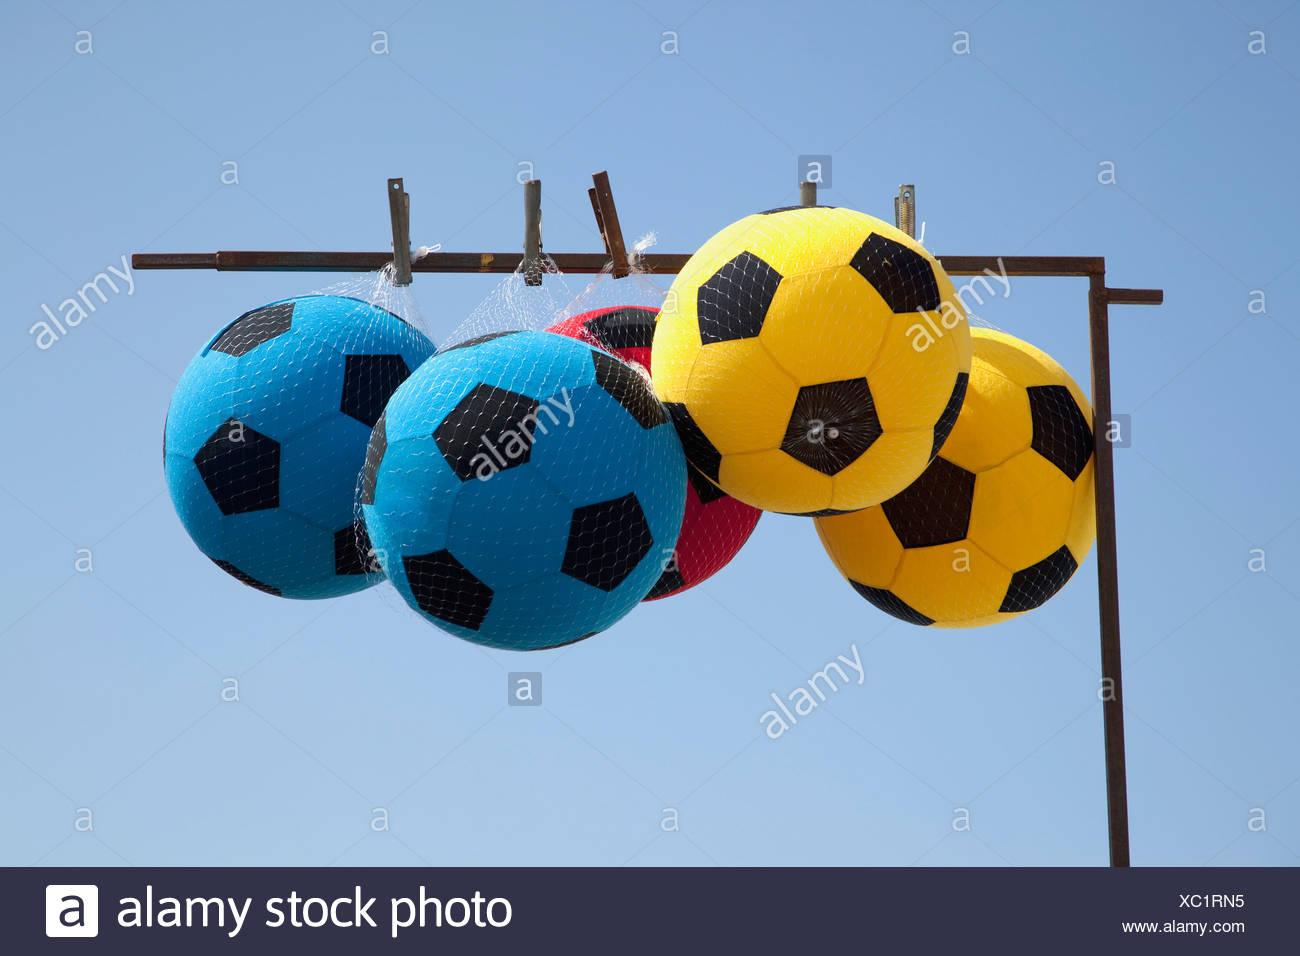 Soccer balls - Stock Image